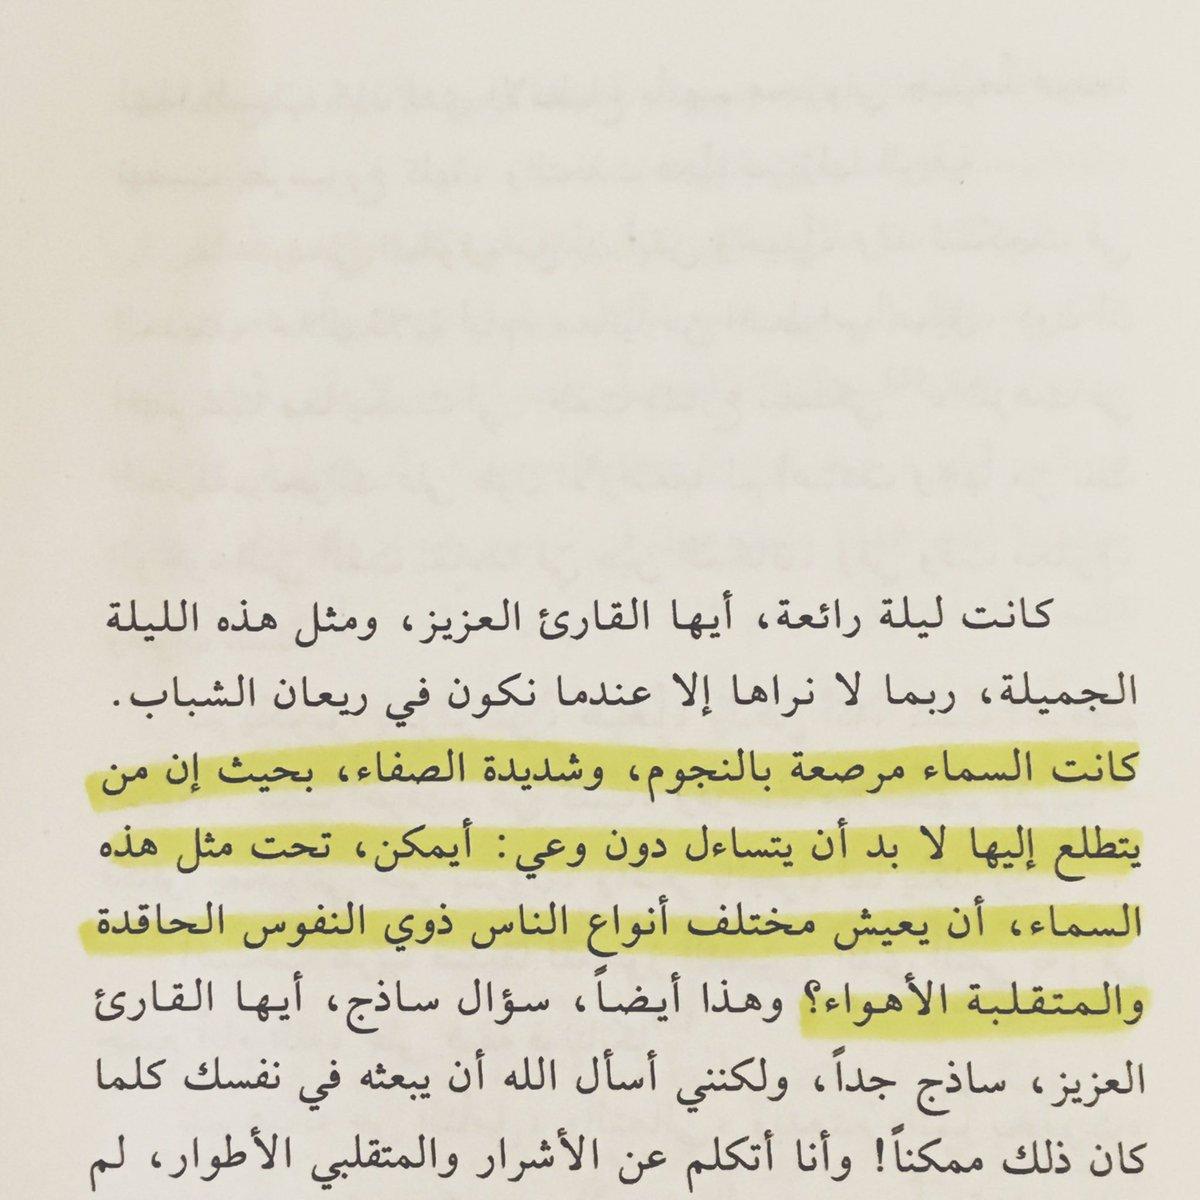 اقتباس من رواية الليالى 9